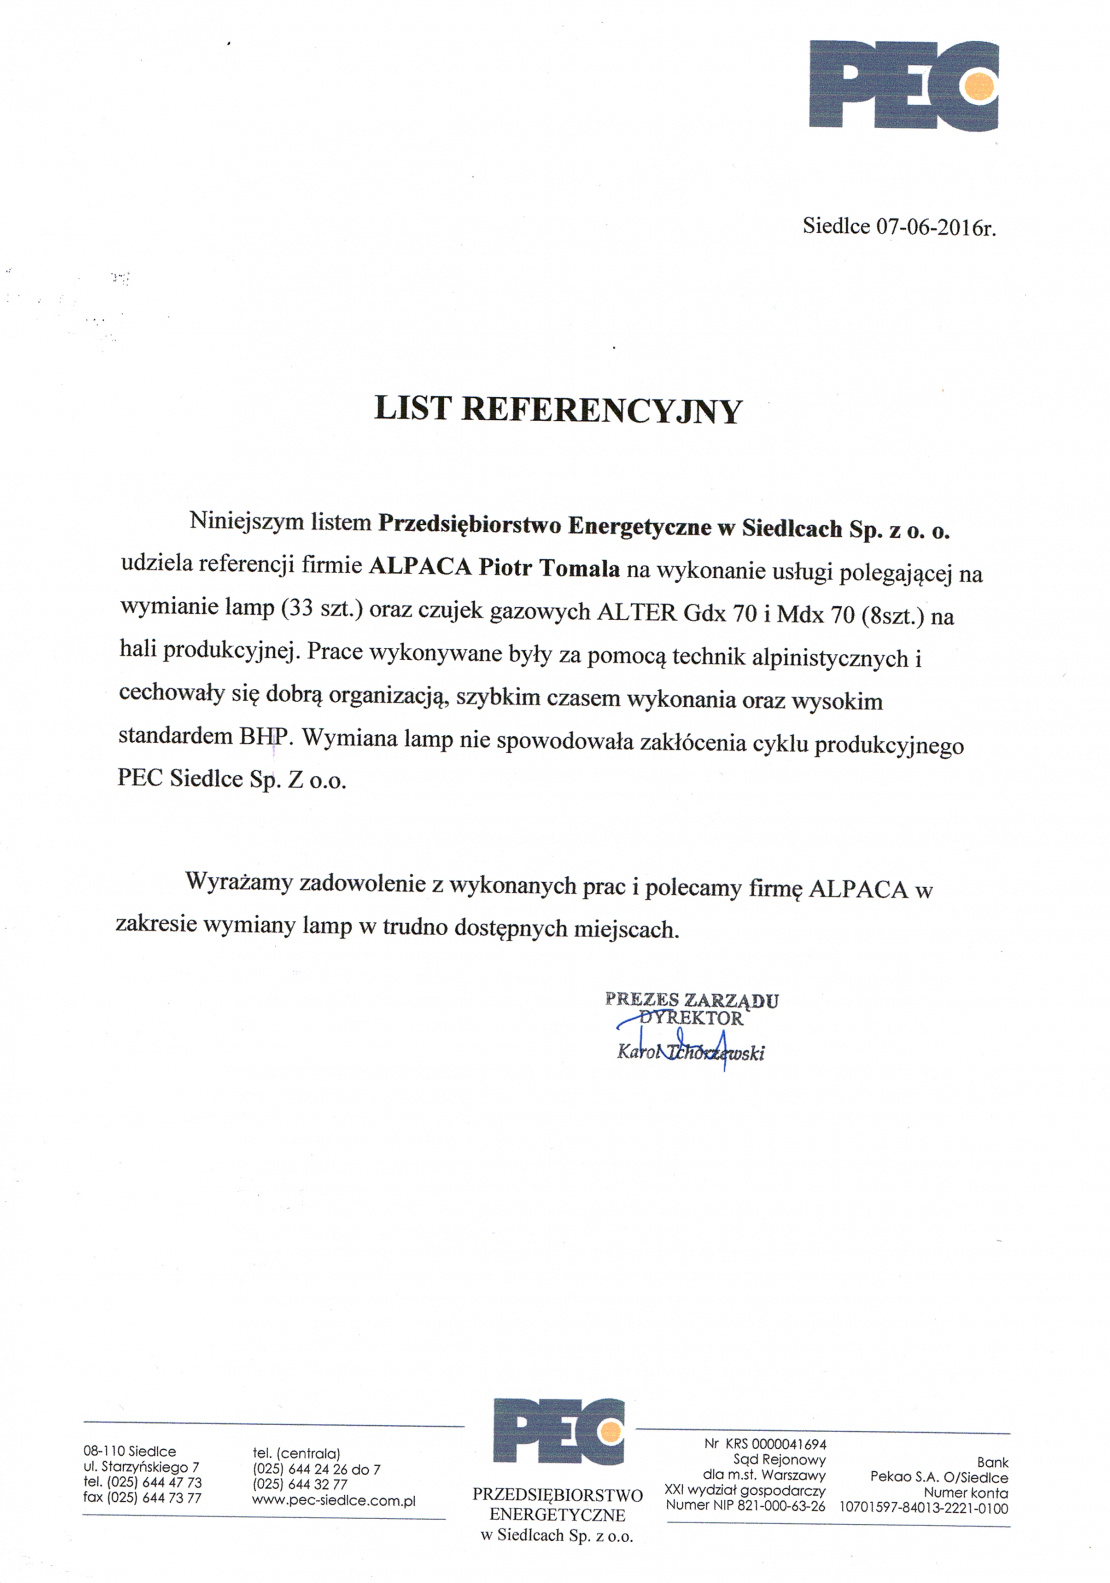 List referencyjny od przedsiębiorstwa PEC Siedlce dotyczący wymiany czujek gazowych i lamp na hali produkcyjnej..